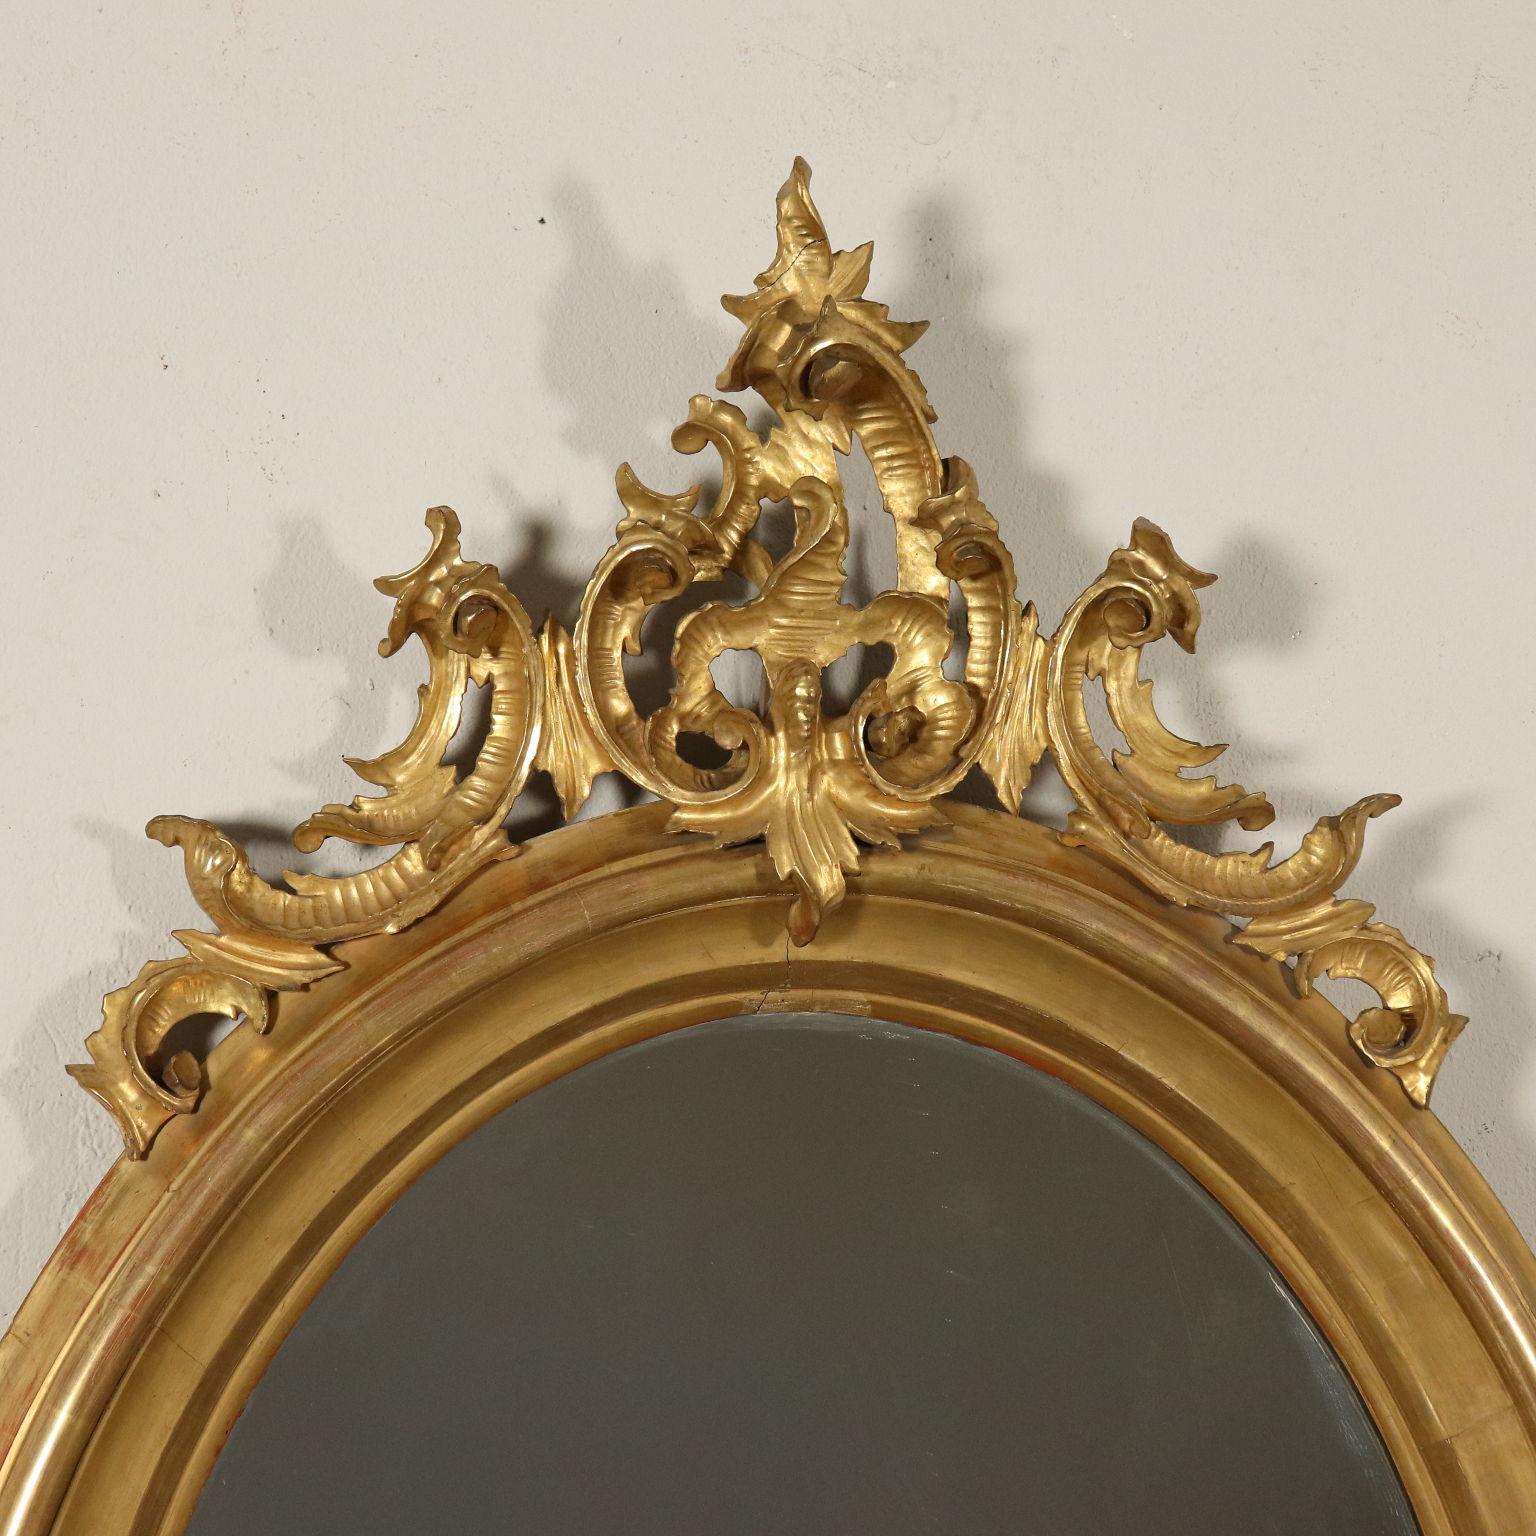 Antico specchio datazione